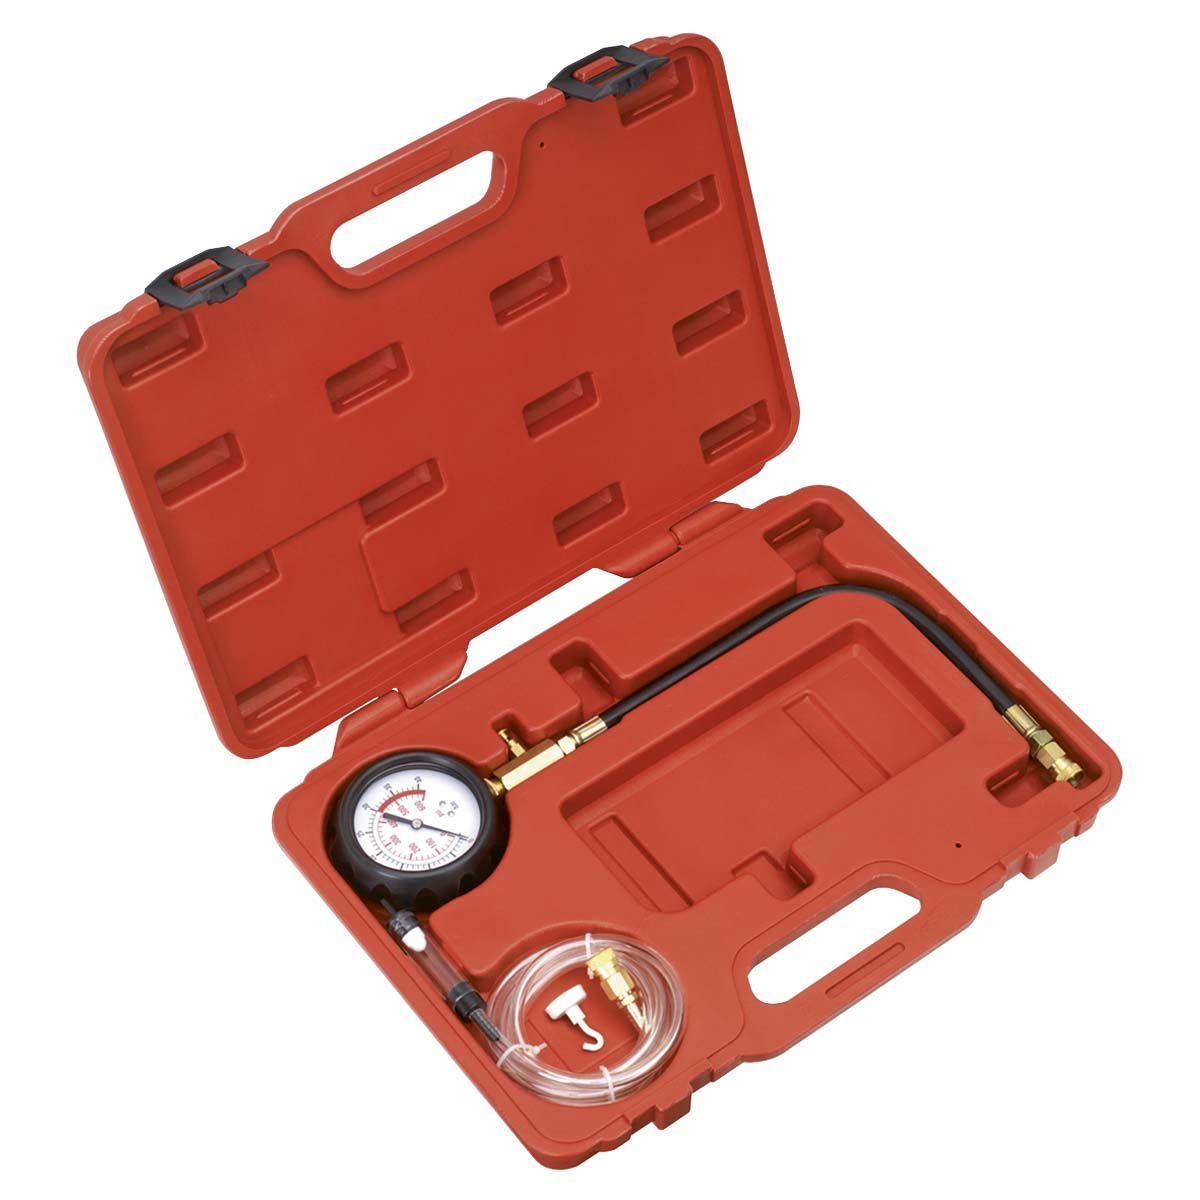 Sealey Diesel Compression Gauge, Hose & TDC Base Kit